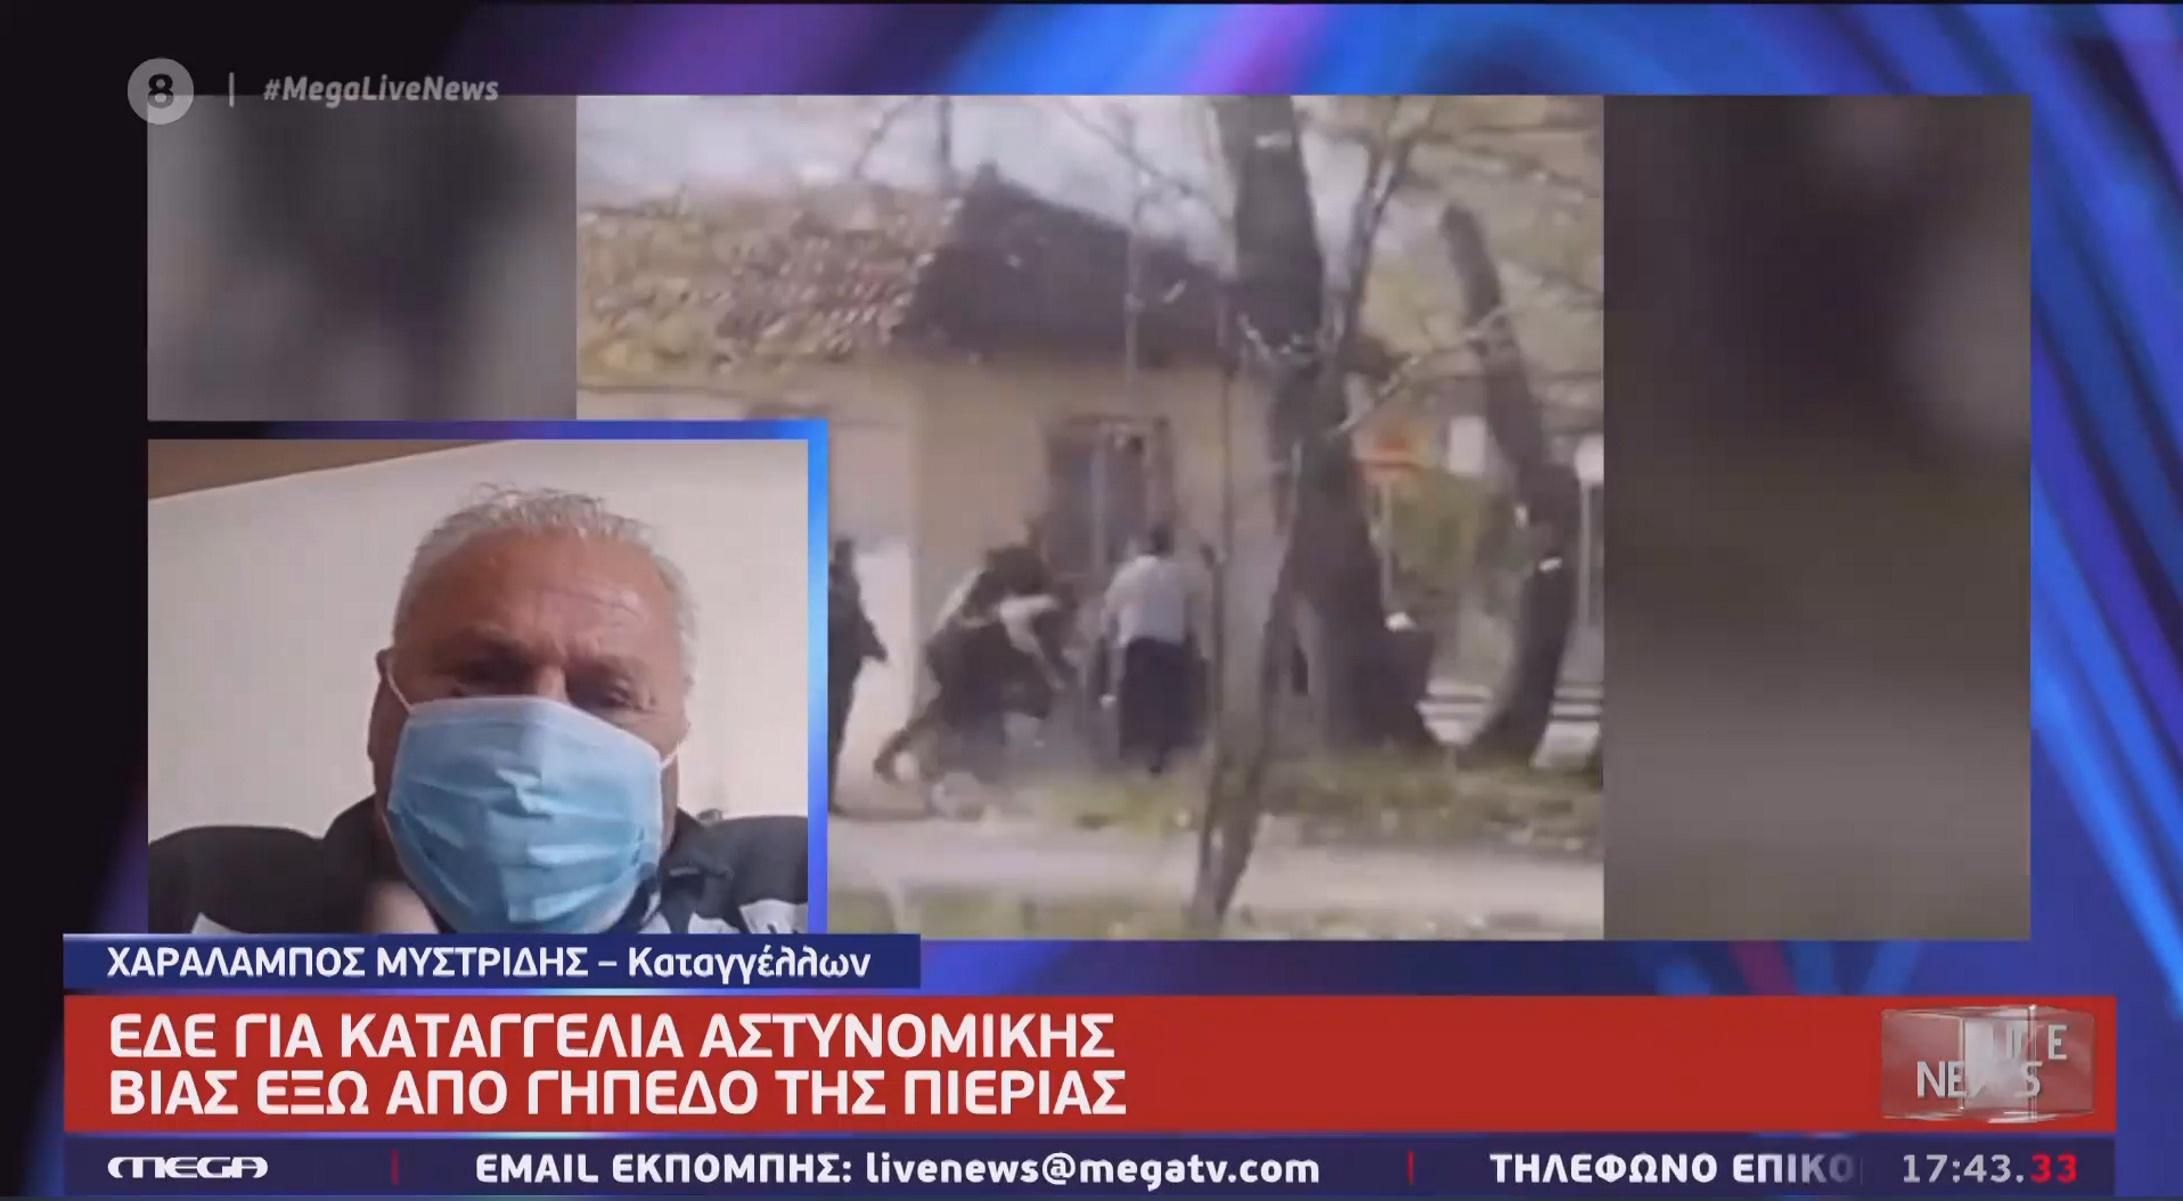 Κατερίνη: «Αυτοκτόνησε εσύ και εγώ θα φωνάξω ασθενοφόρο» – Συγκλονιστικές καταγγελίες στο Live News (video)